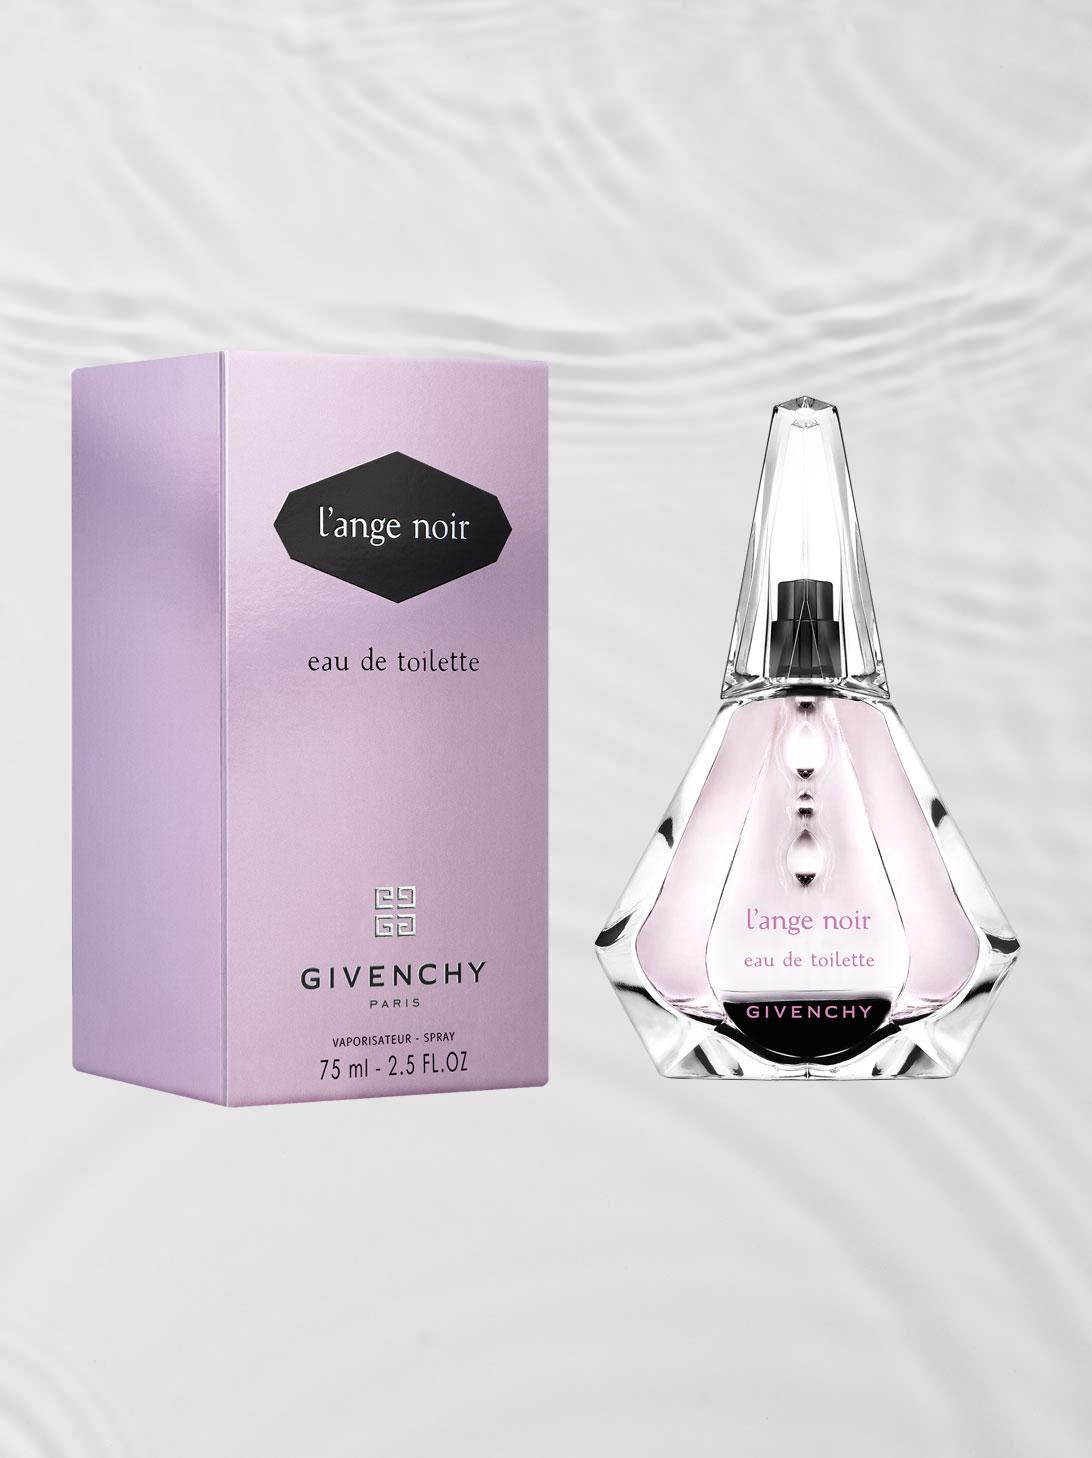 Givenchy De Noir Toilette L'ange • Eau ∷ rdQxBoeWEC